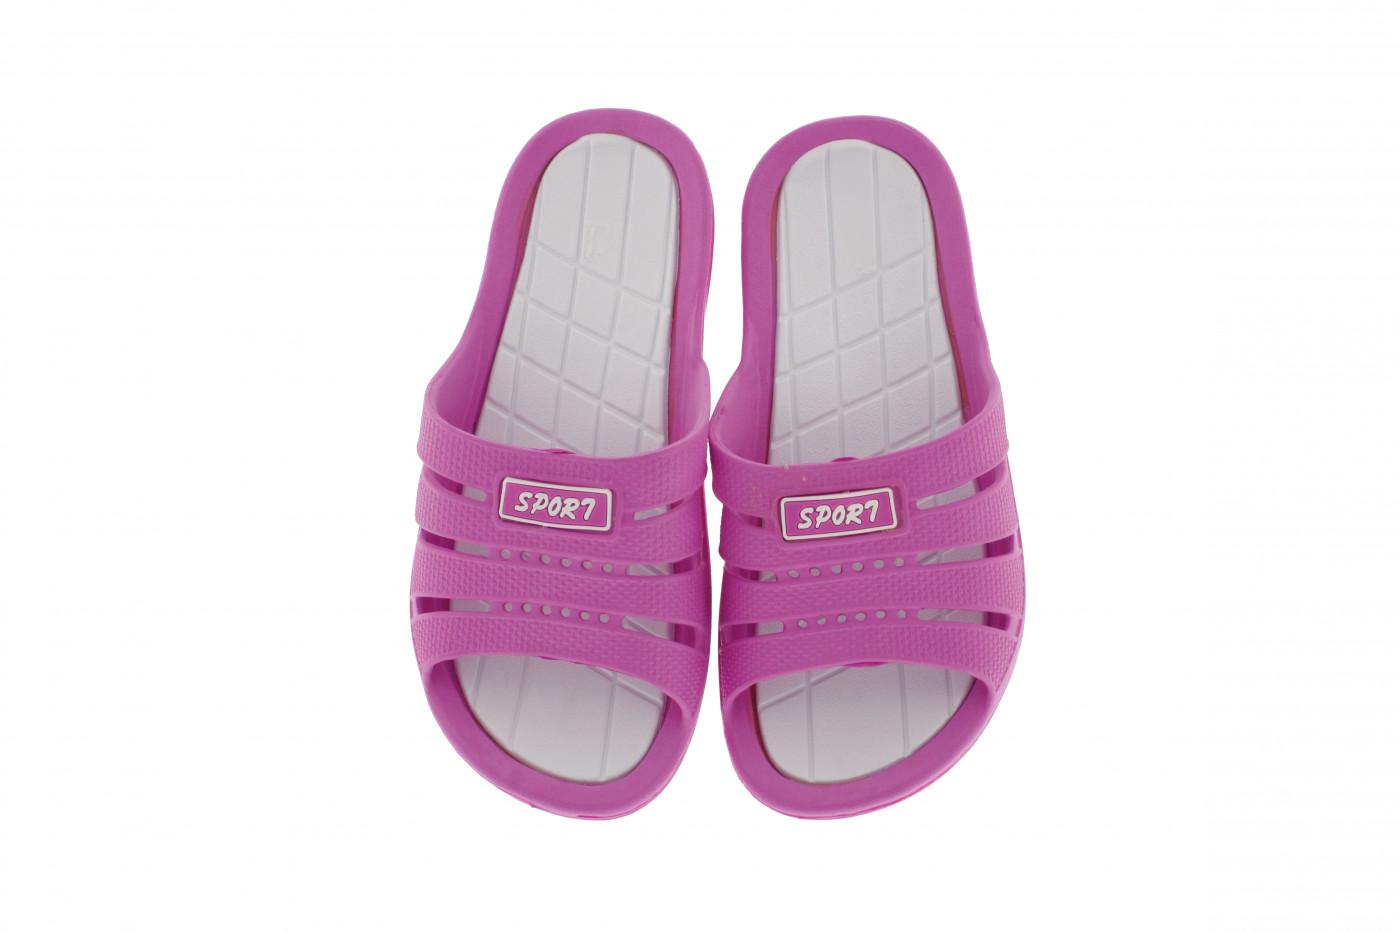 Kondor Woman's Shoes 78011365